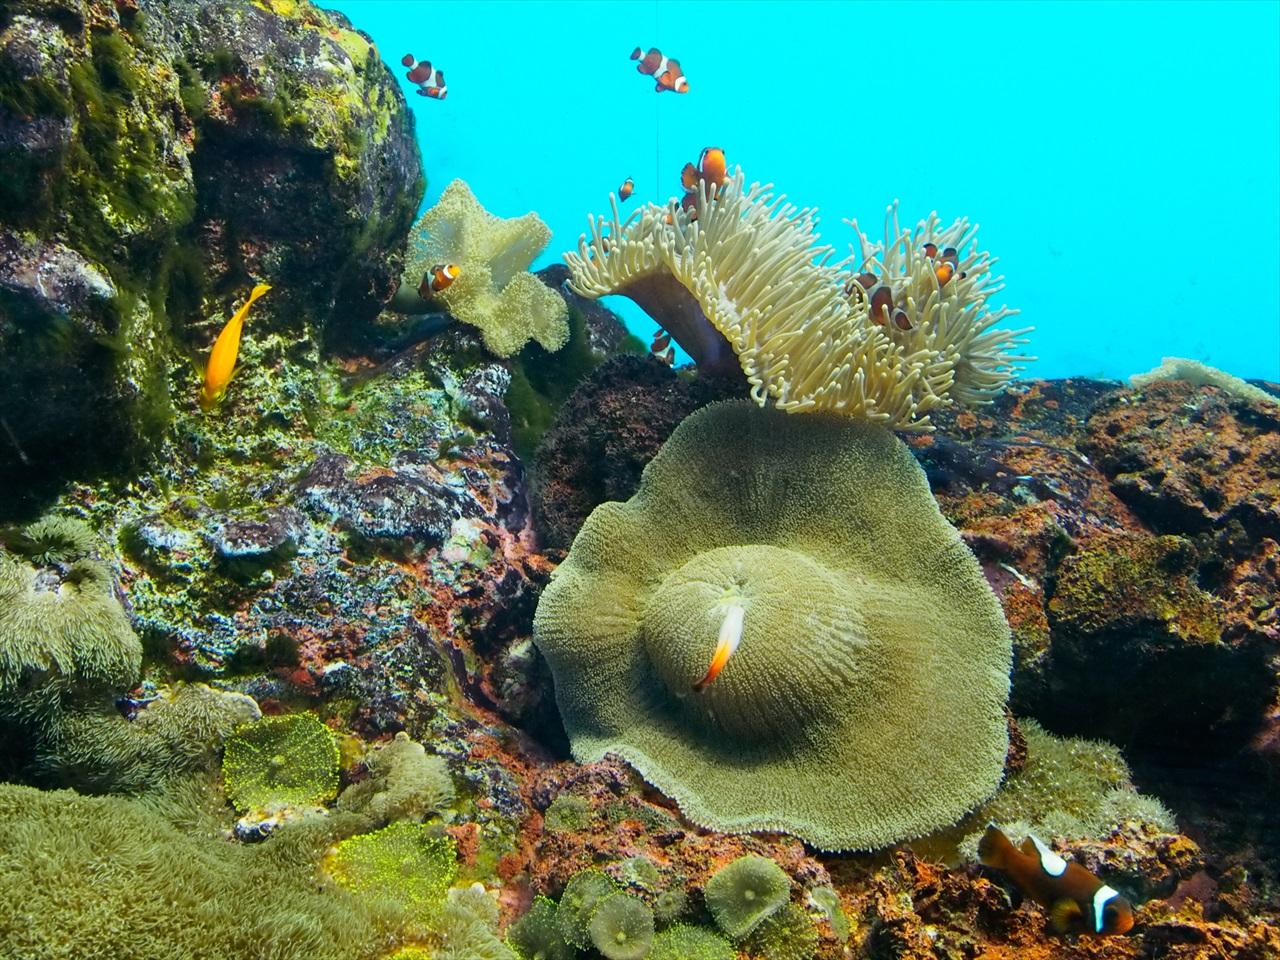 サンゴやヒトデ